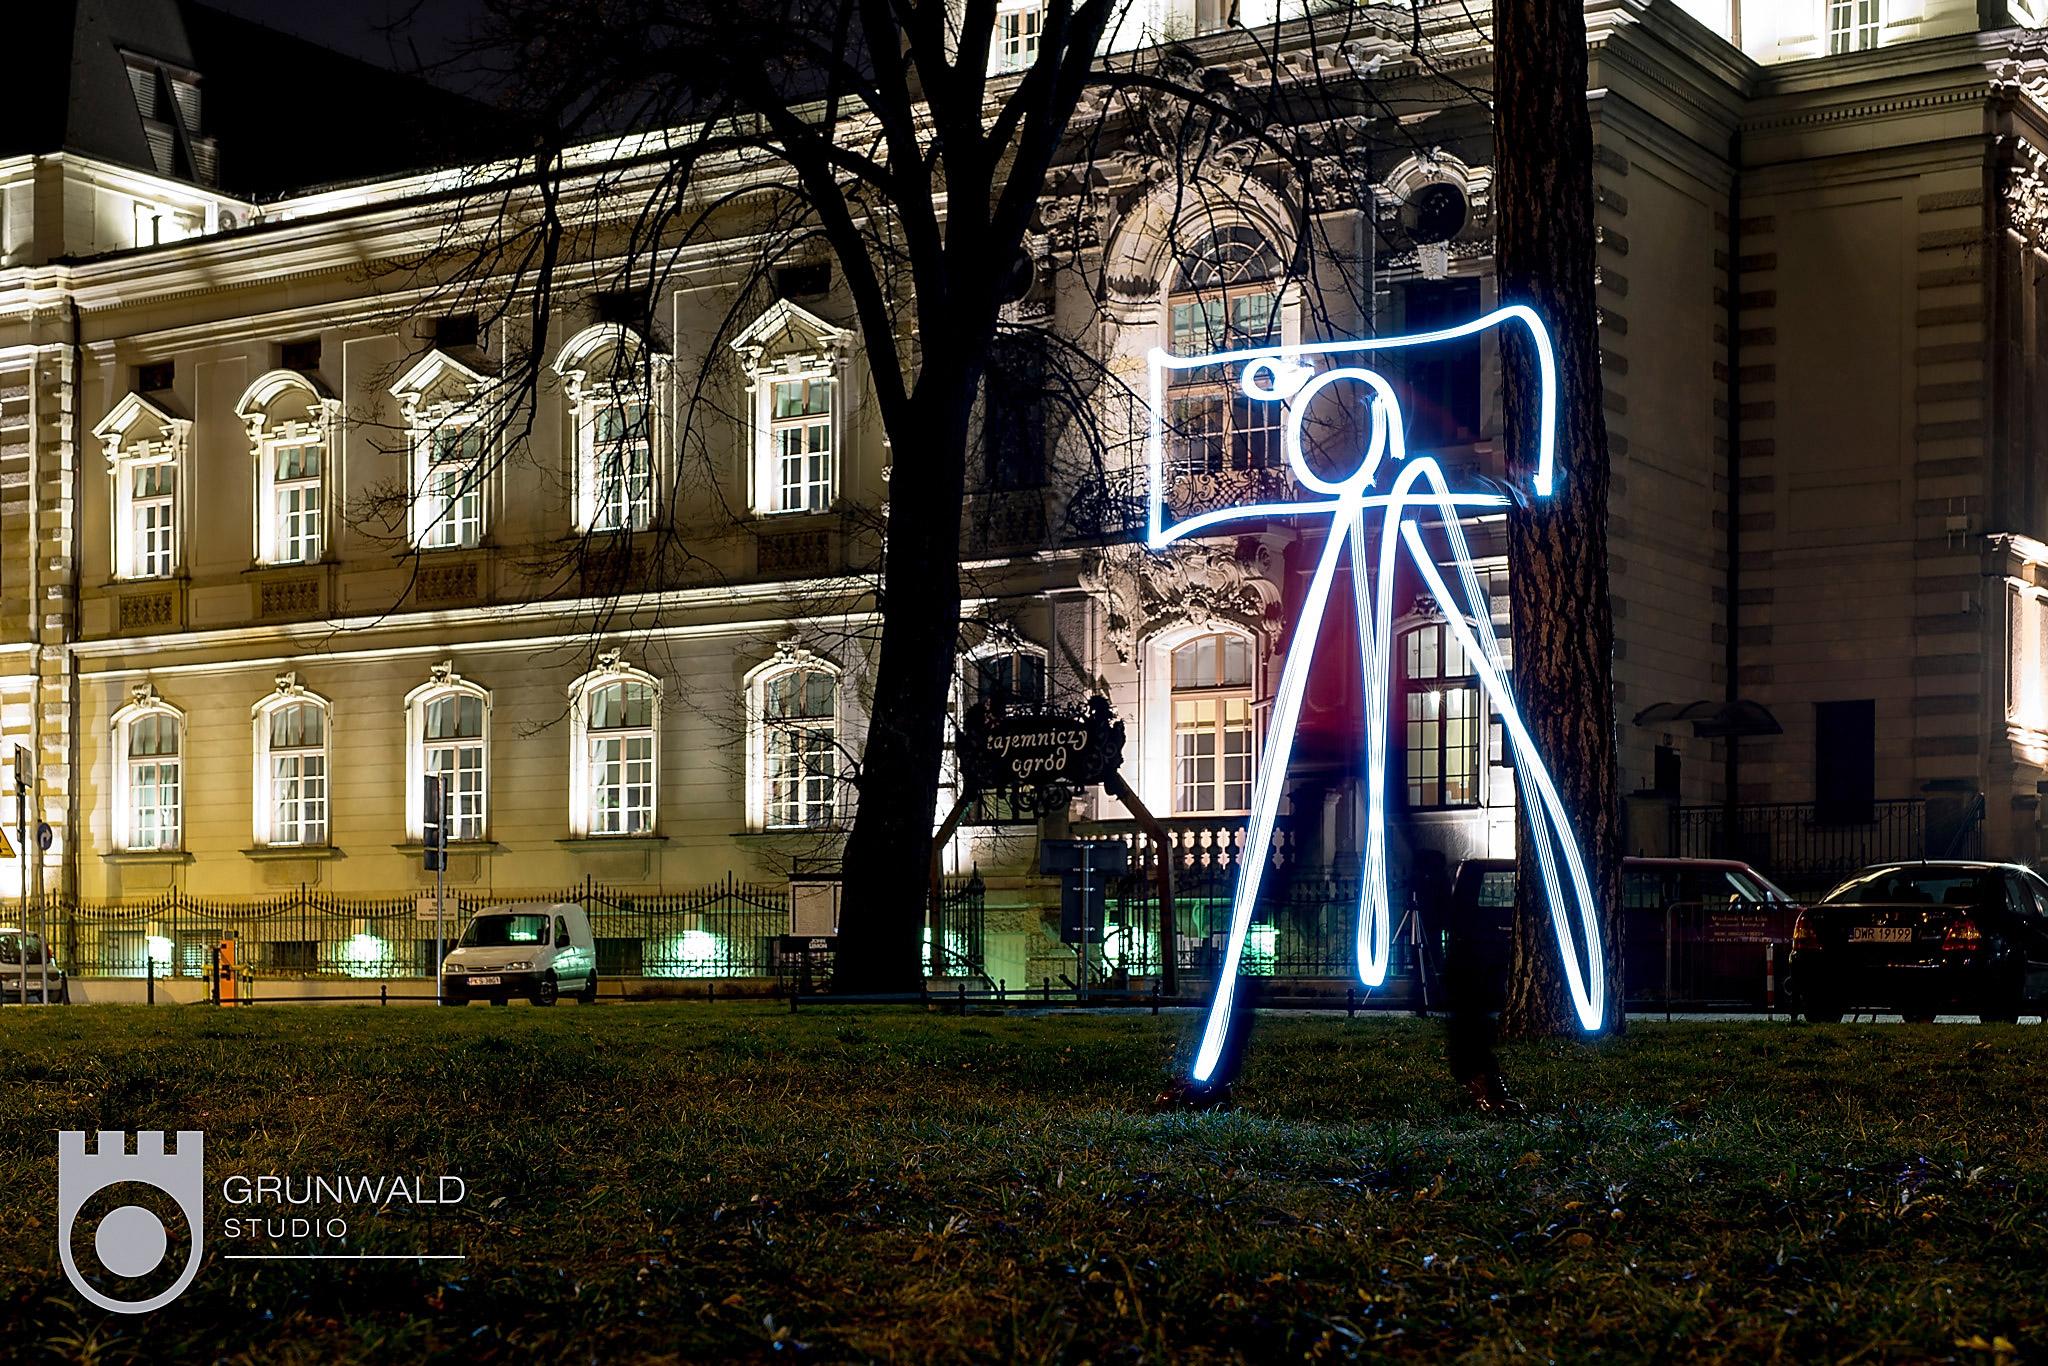 Grunwald-Studio-Kurs-Fotografii-Wrocław-Fotograf-Wrocław-Kursy-fotograficzne-Wrocław-40